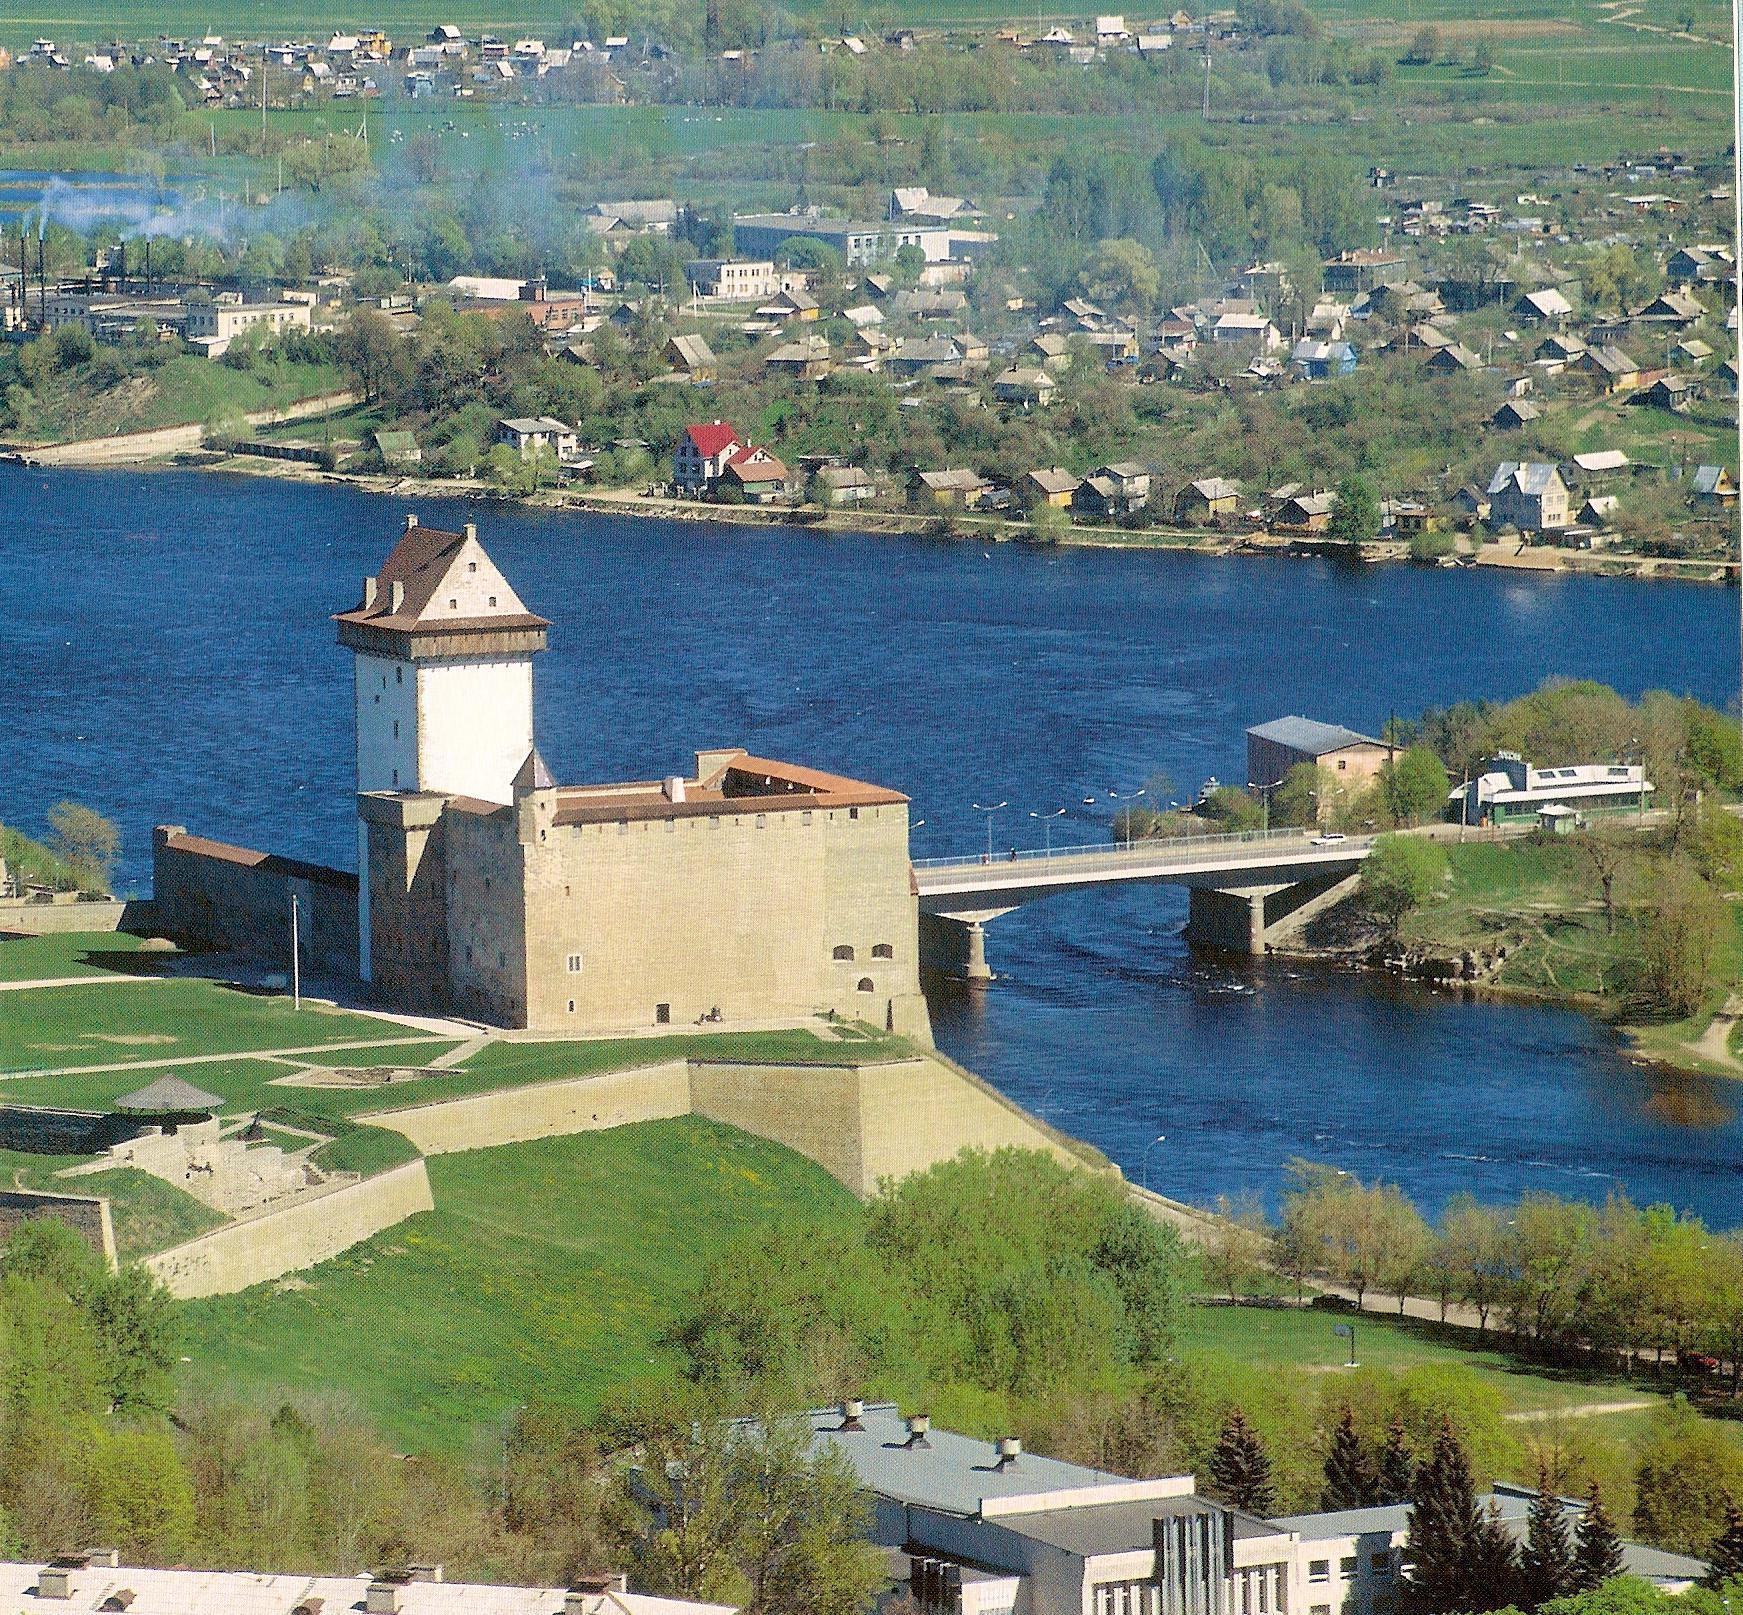 La ville de Narva en Estonie, frontière entre l'Estonie (à gauche) et la Russie (à droite).